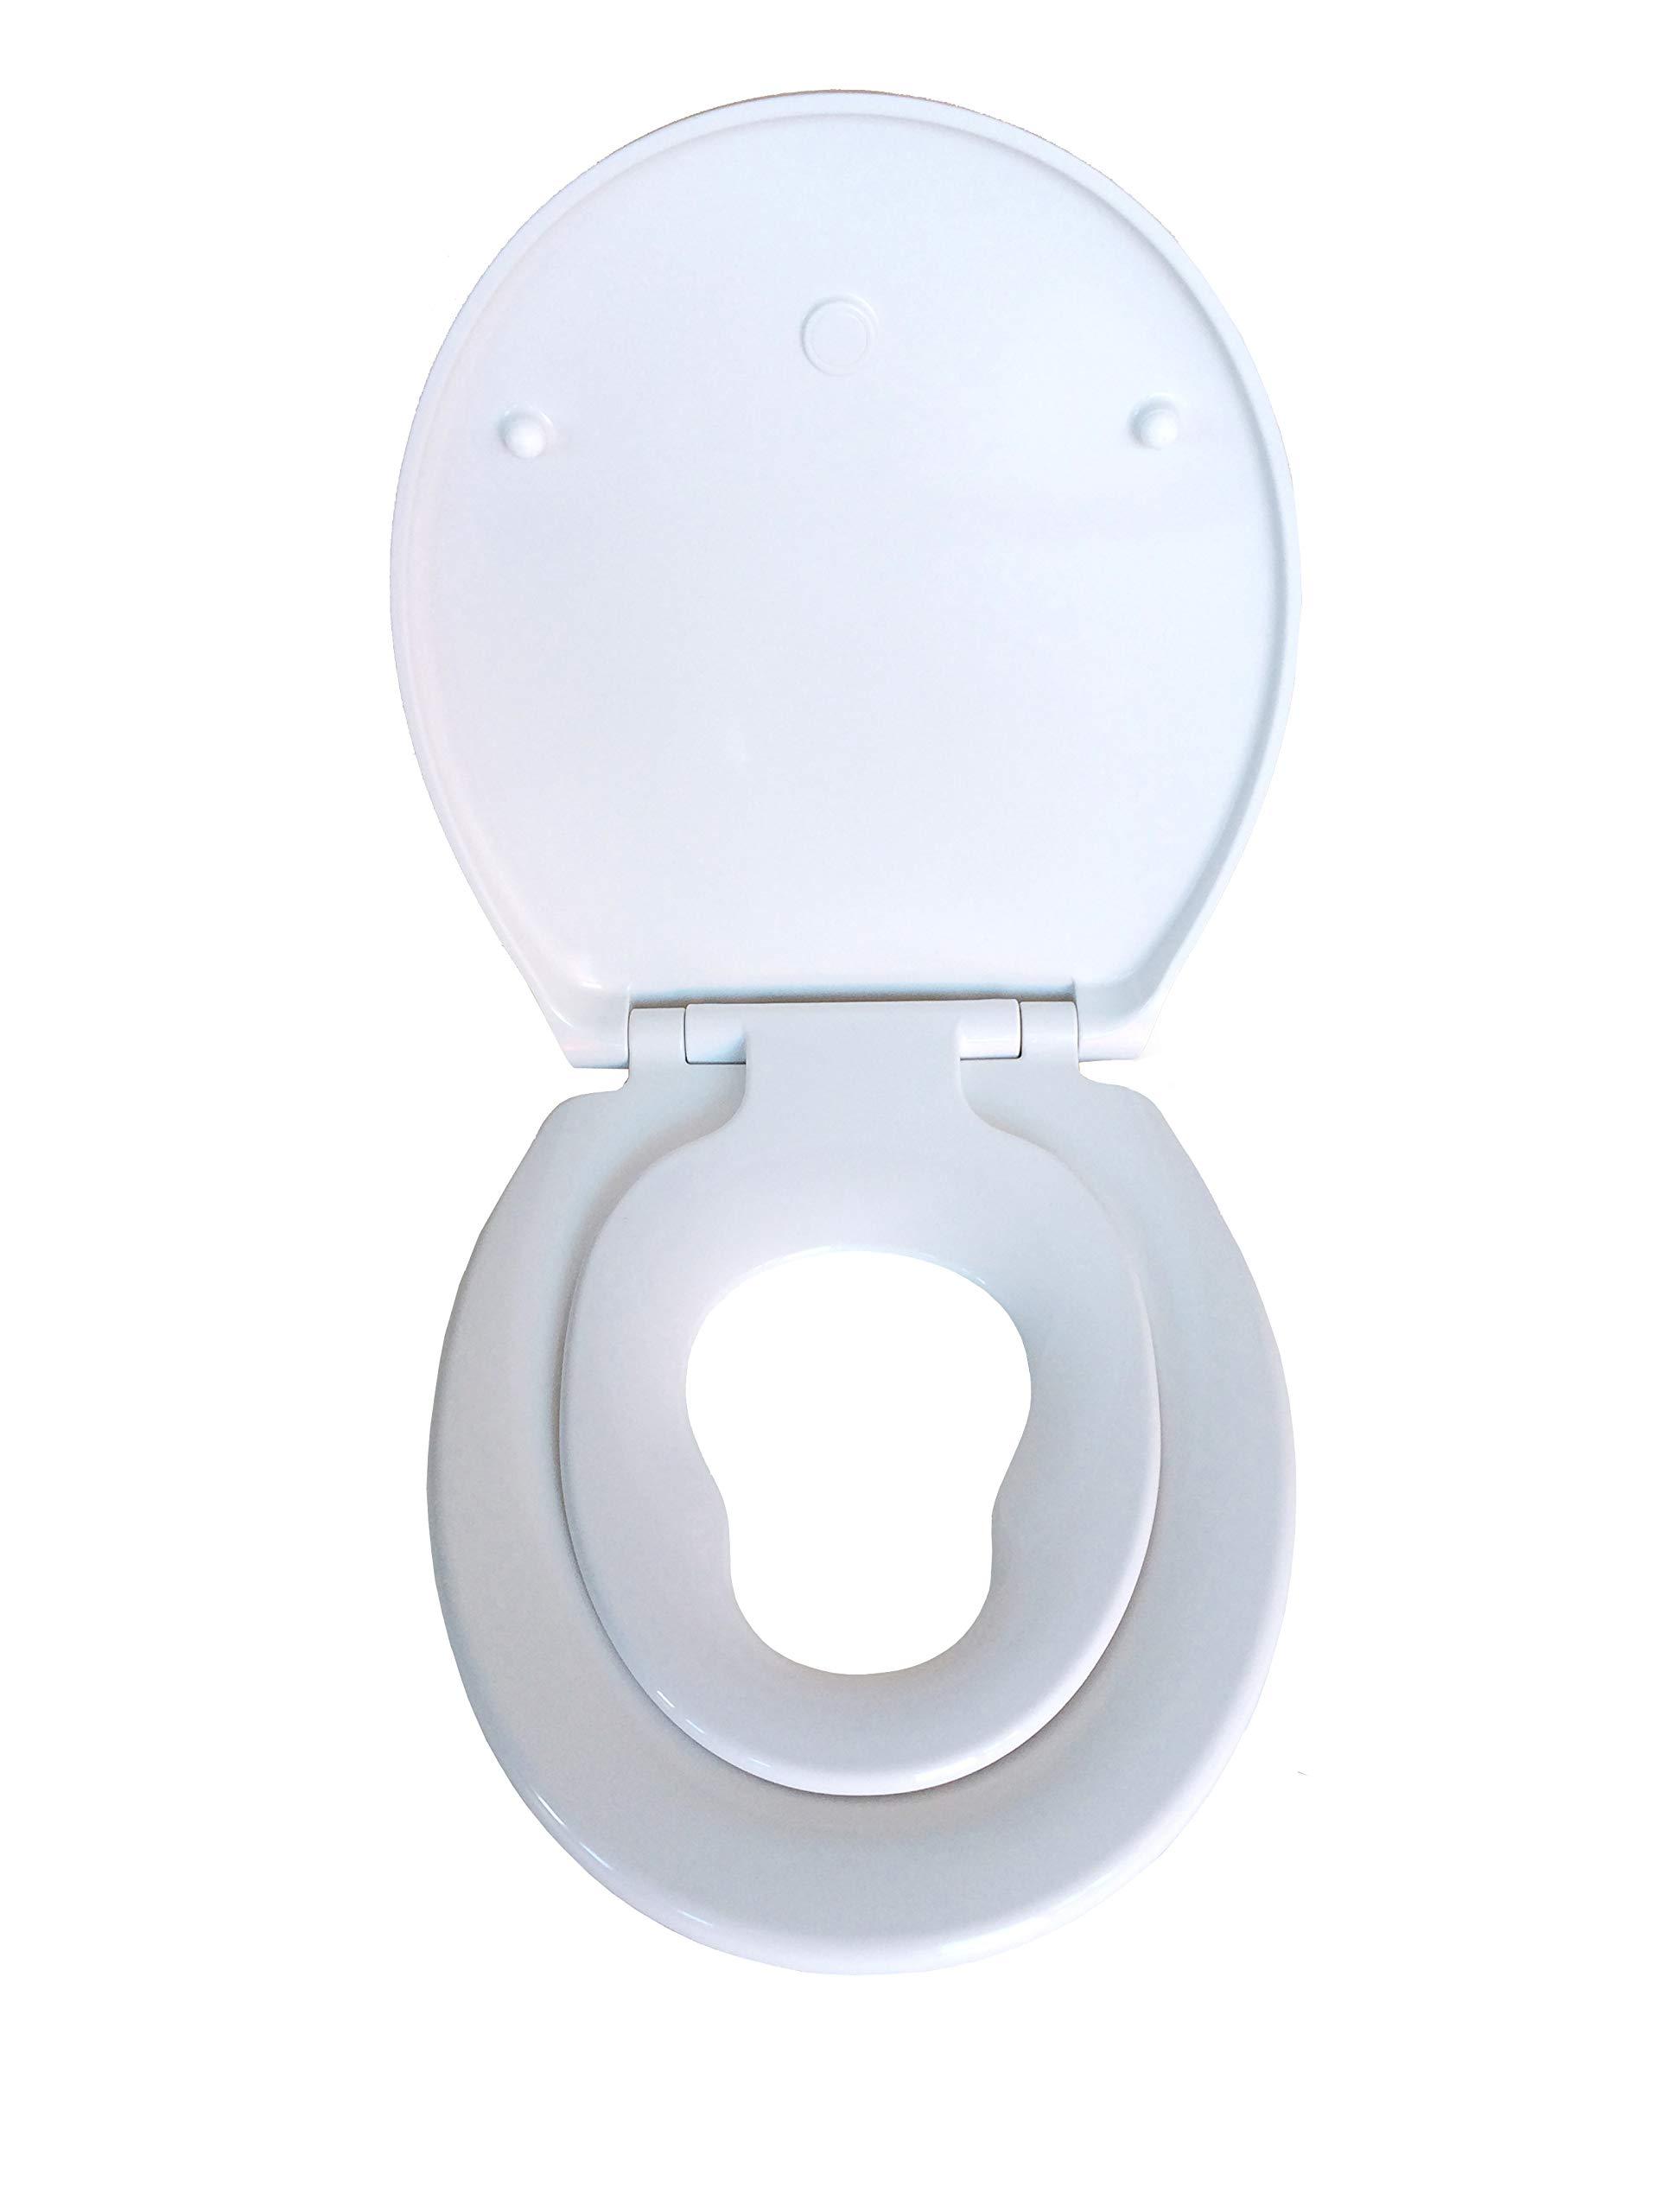 Siège WC ADOB pour enfants et toute la famille avec rabaissement  automatique, amovible pour faciliter le nettoyage de la céramique c4c64c2607f6